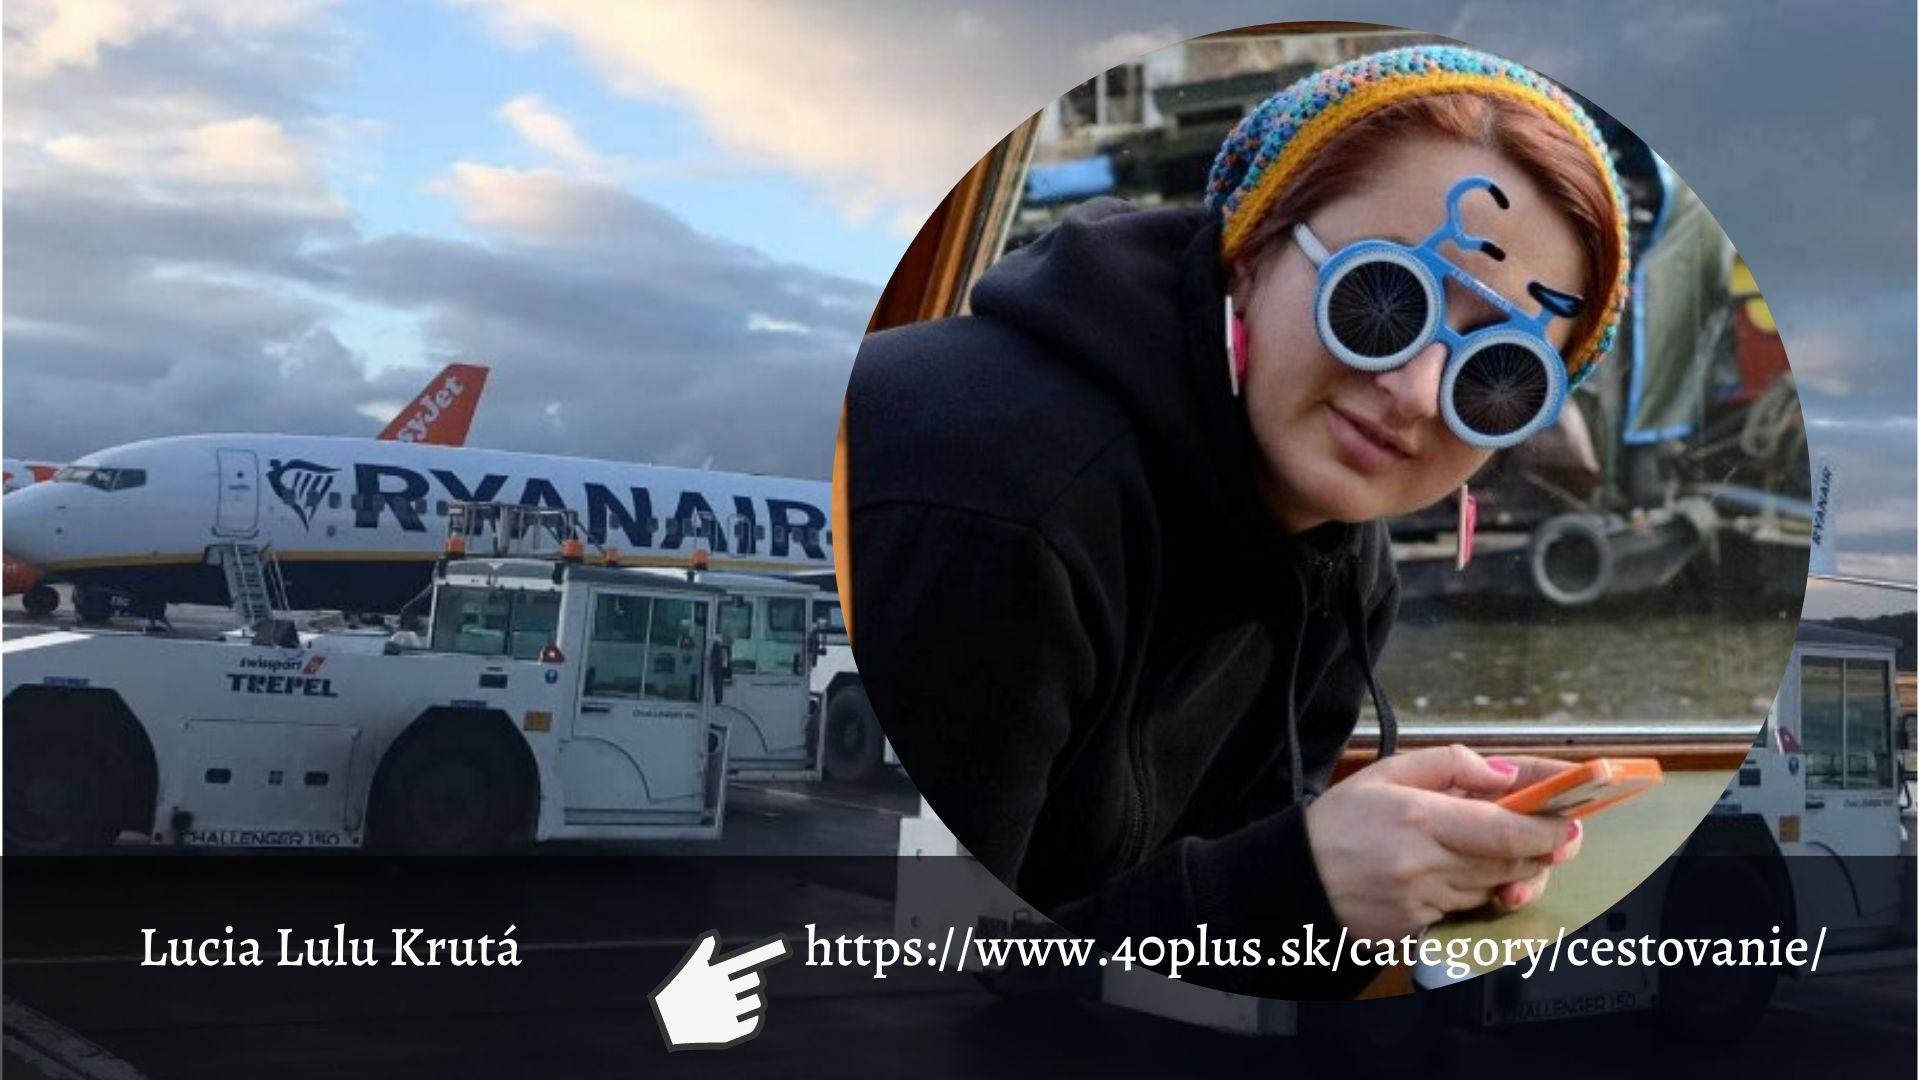 Nízkonákladové lety a zrušenie vášho letu (1)